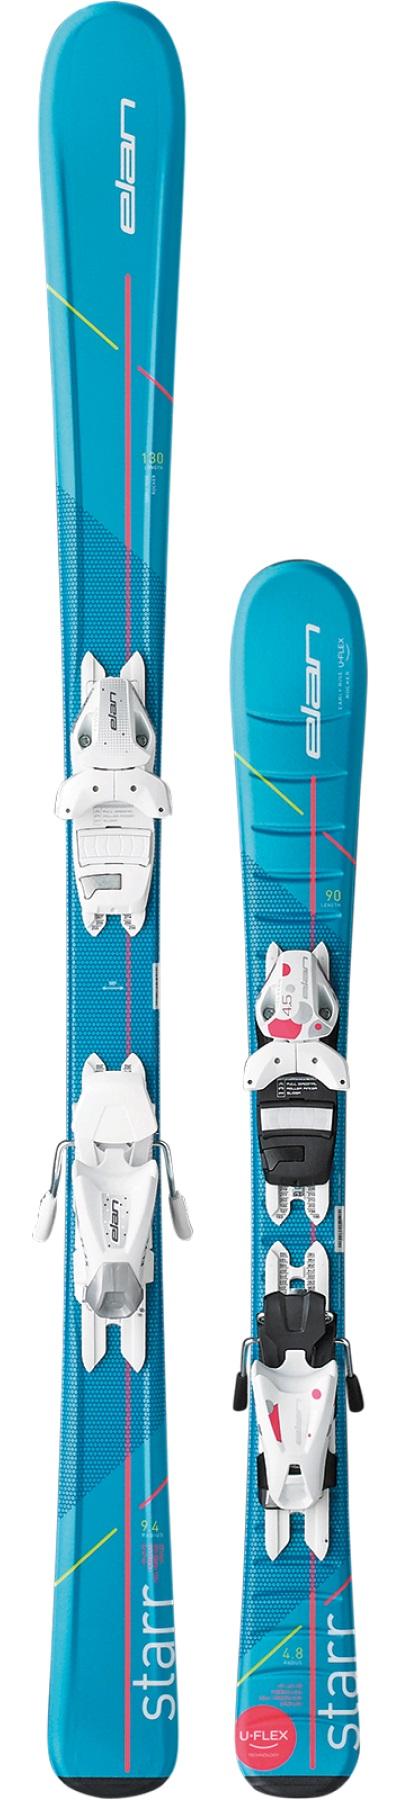 Горные лыжи с креплениями Elan 2017-18 Starr QS 130-150 (см:150)